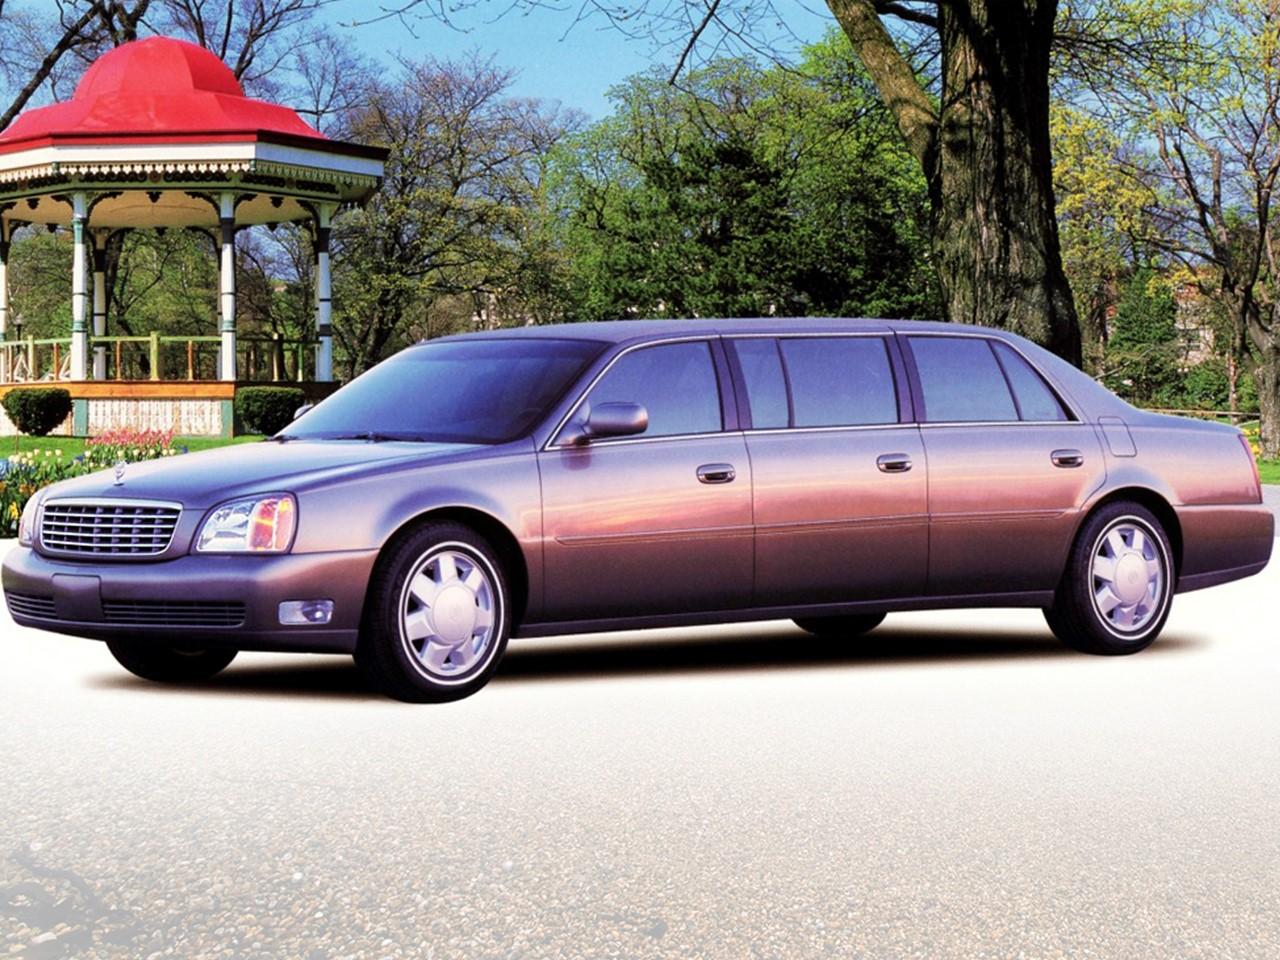 DTS Limousine 2